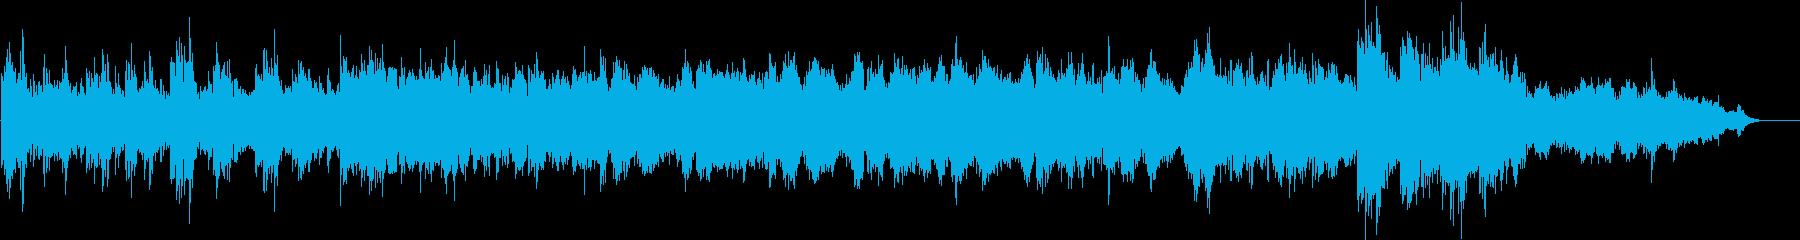 ピアノとシンセサイザーが奏でるラストの再生済みの波形